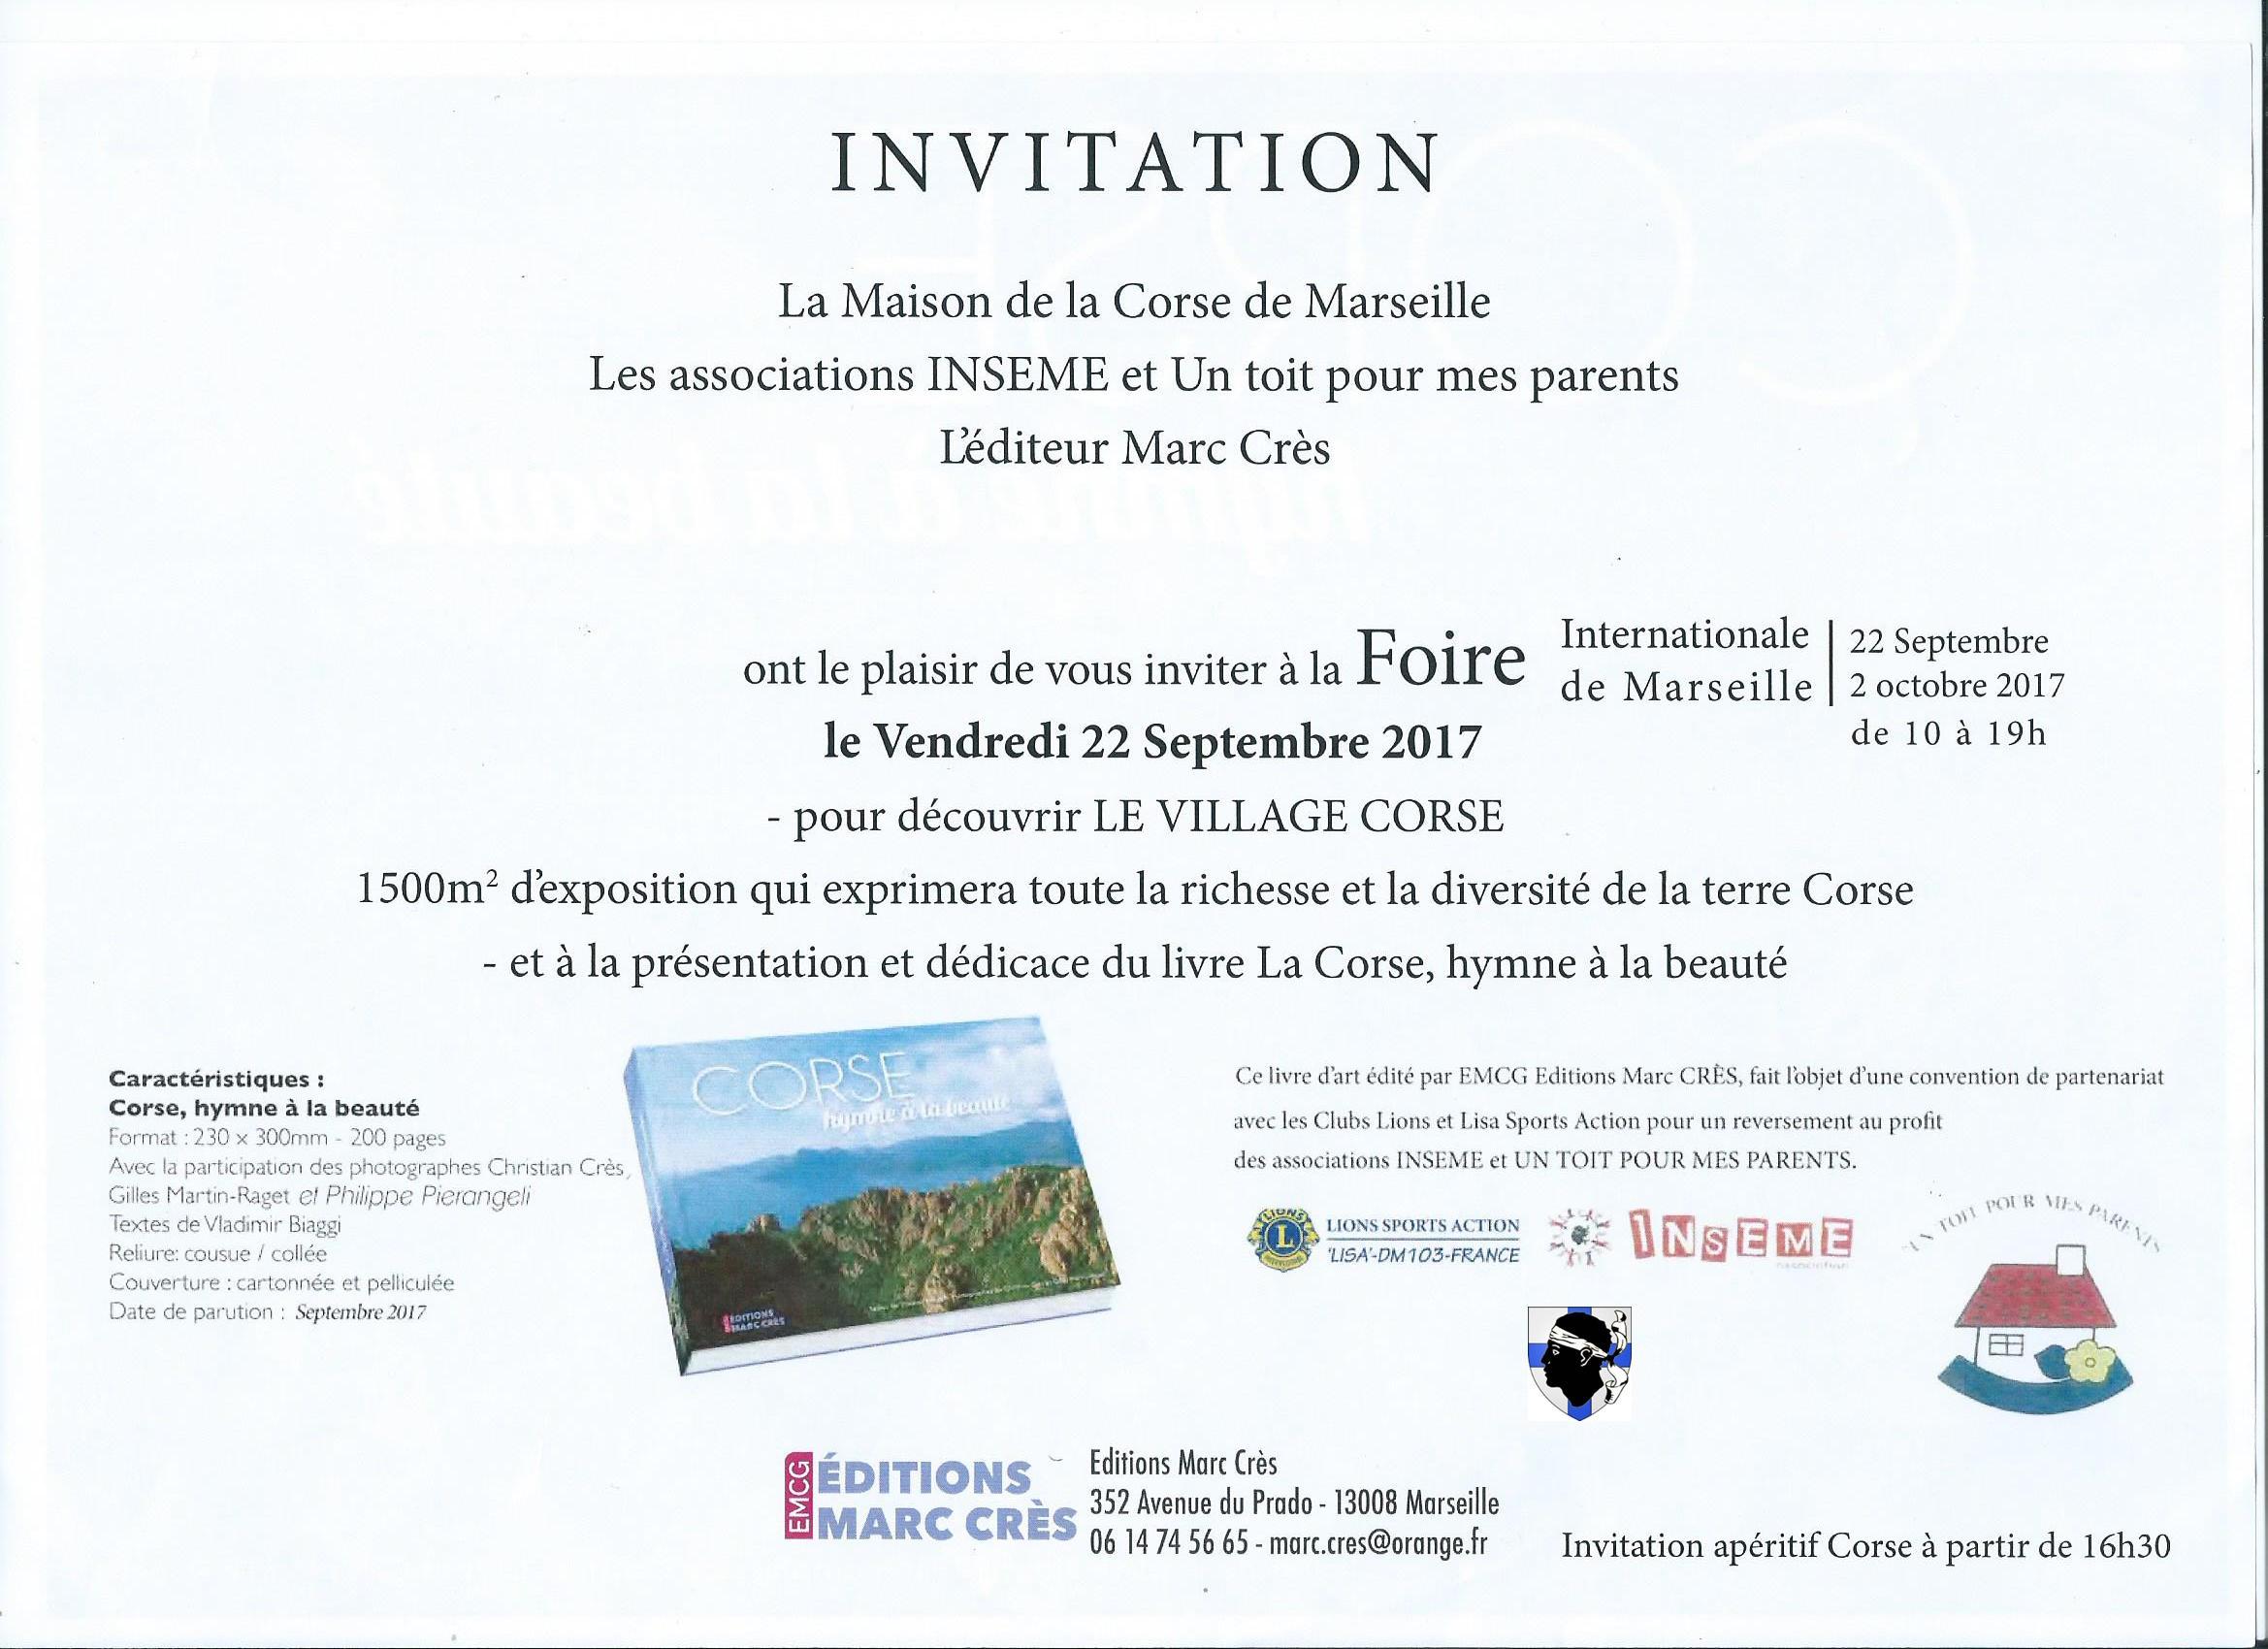 Casa di a corsica - Invitation foire de lyon 2017 ...